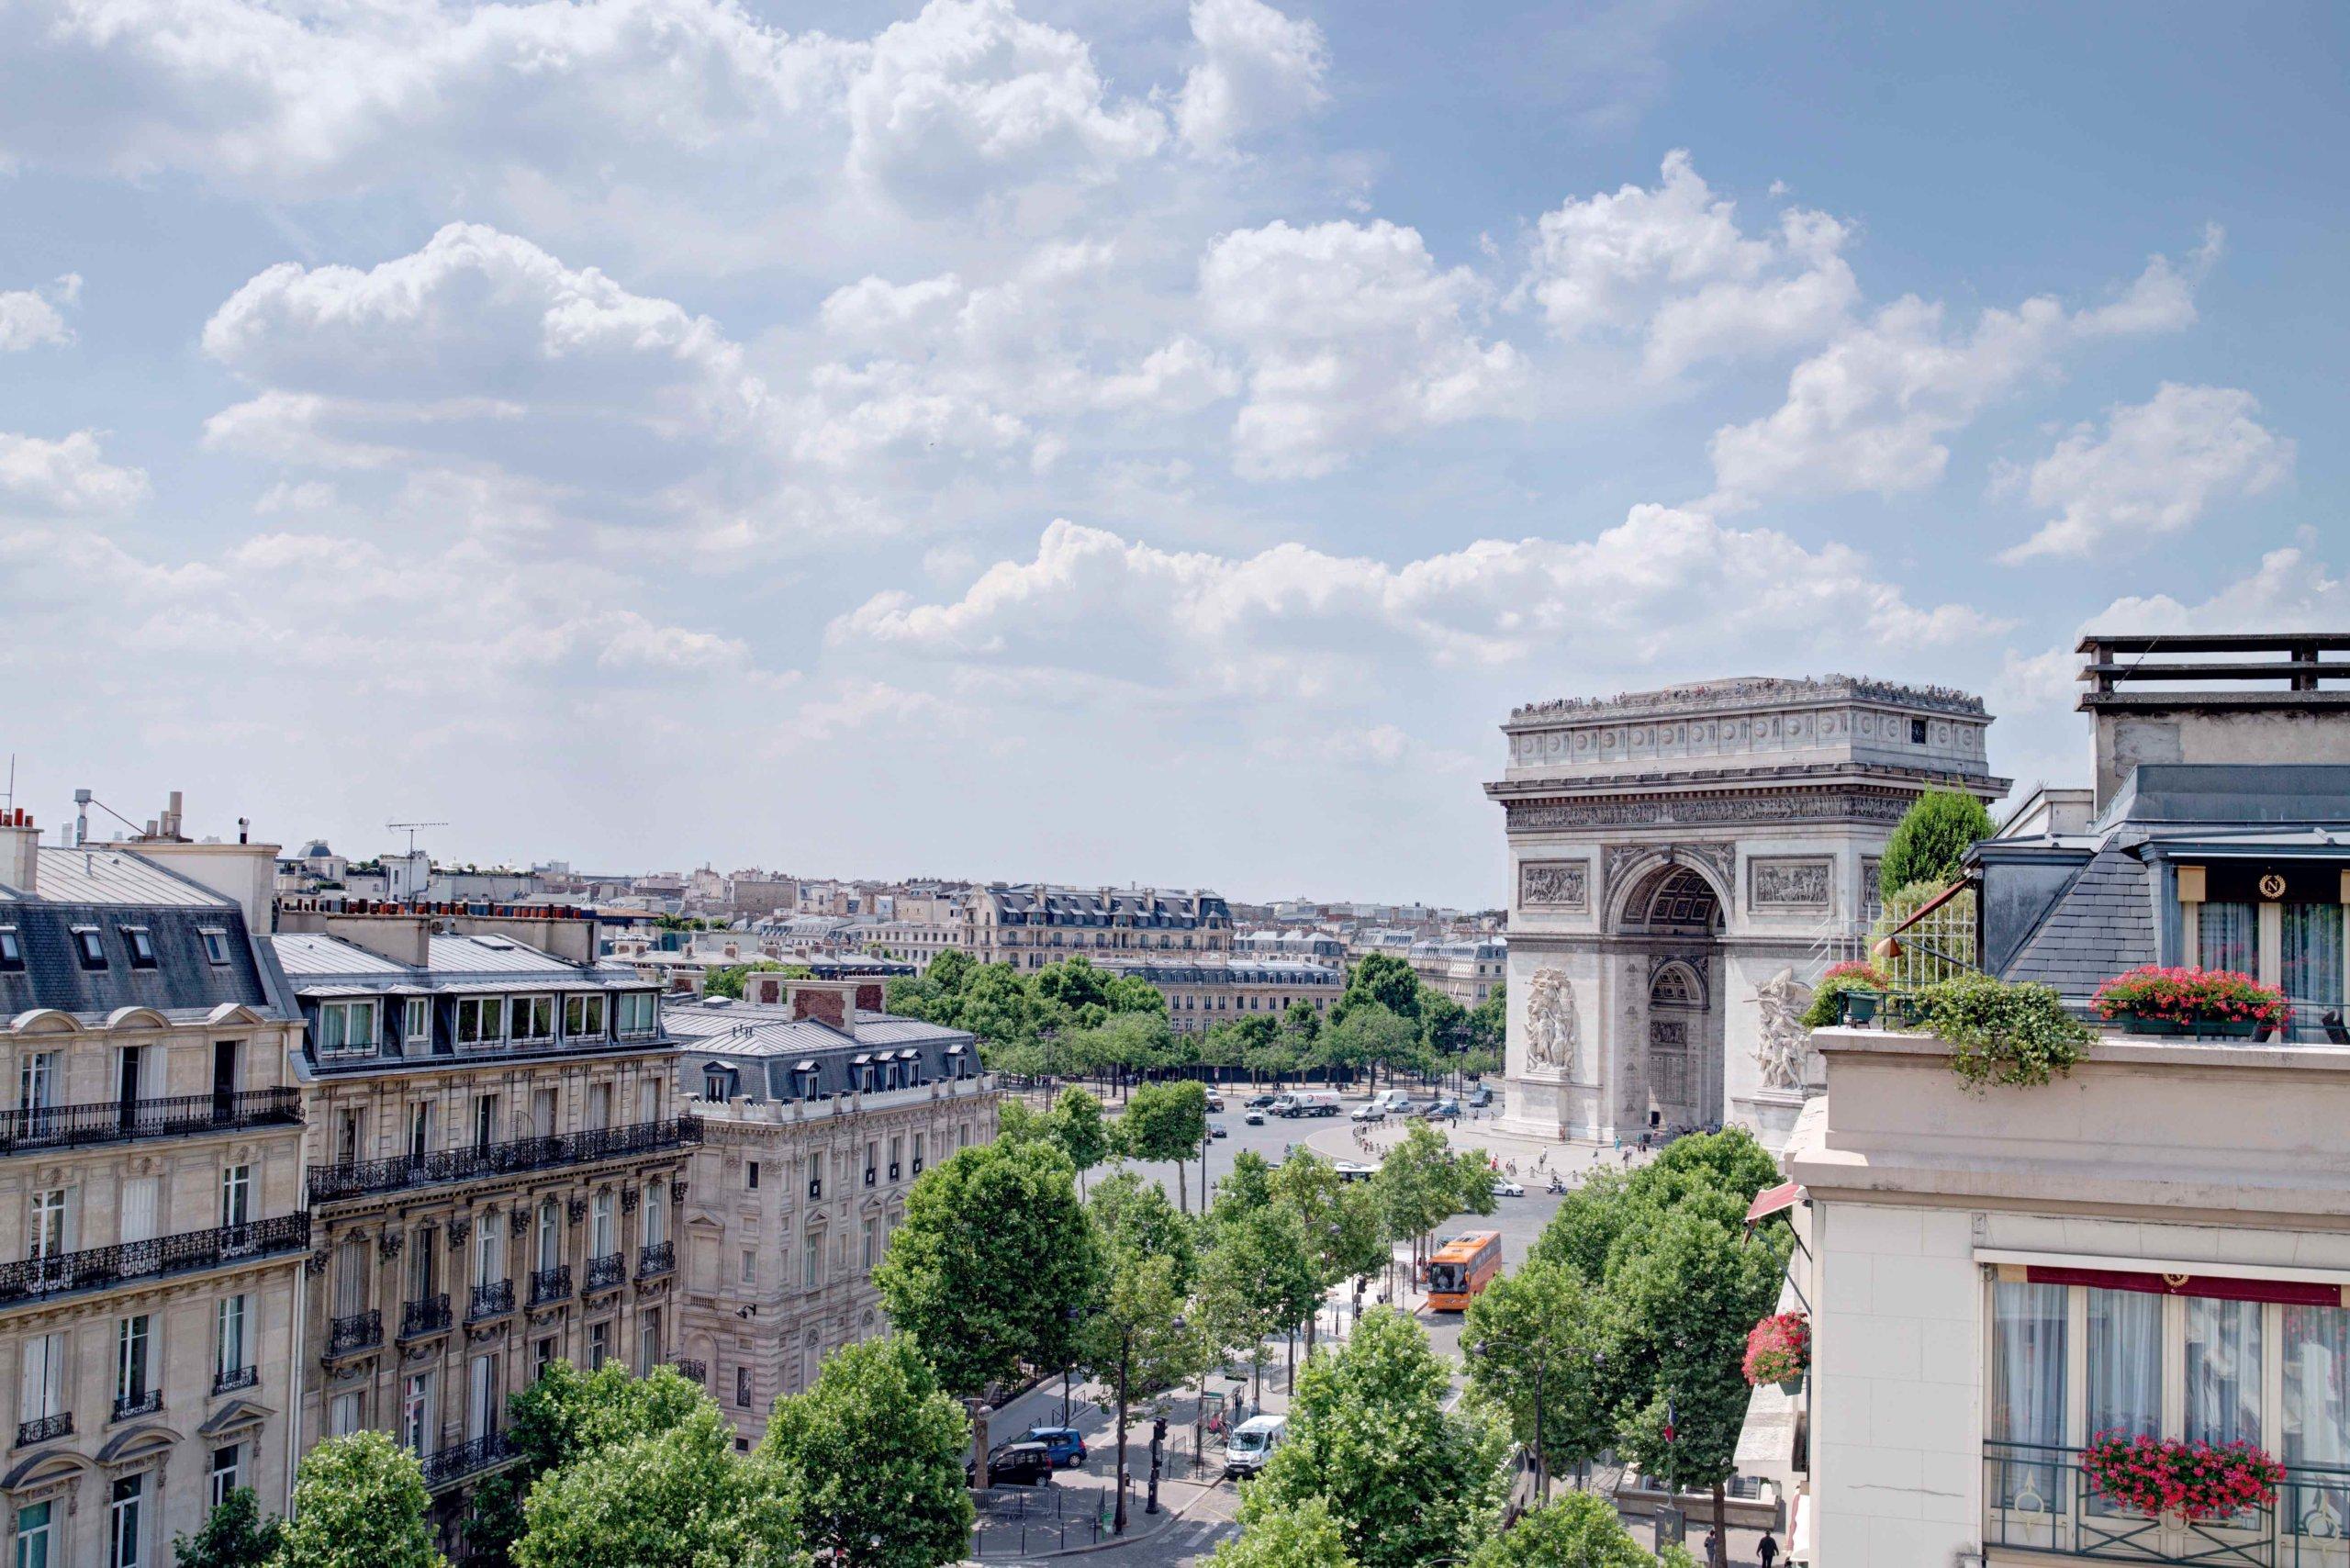 Vue d'une chambre sur l'Arc de Triomphe de la place de l'Étoile à Paris